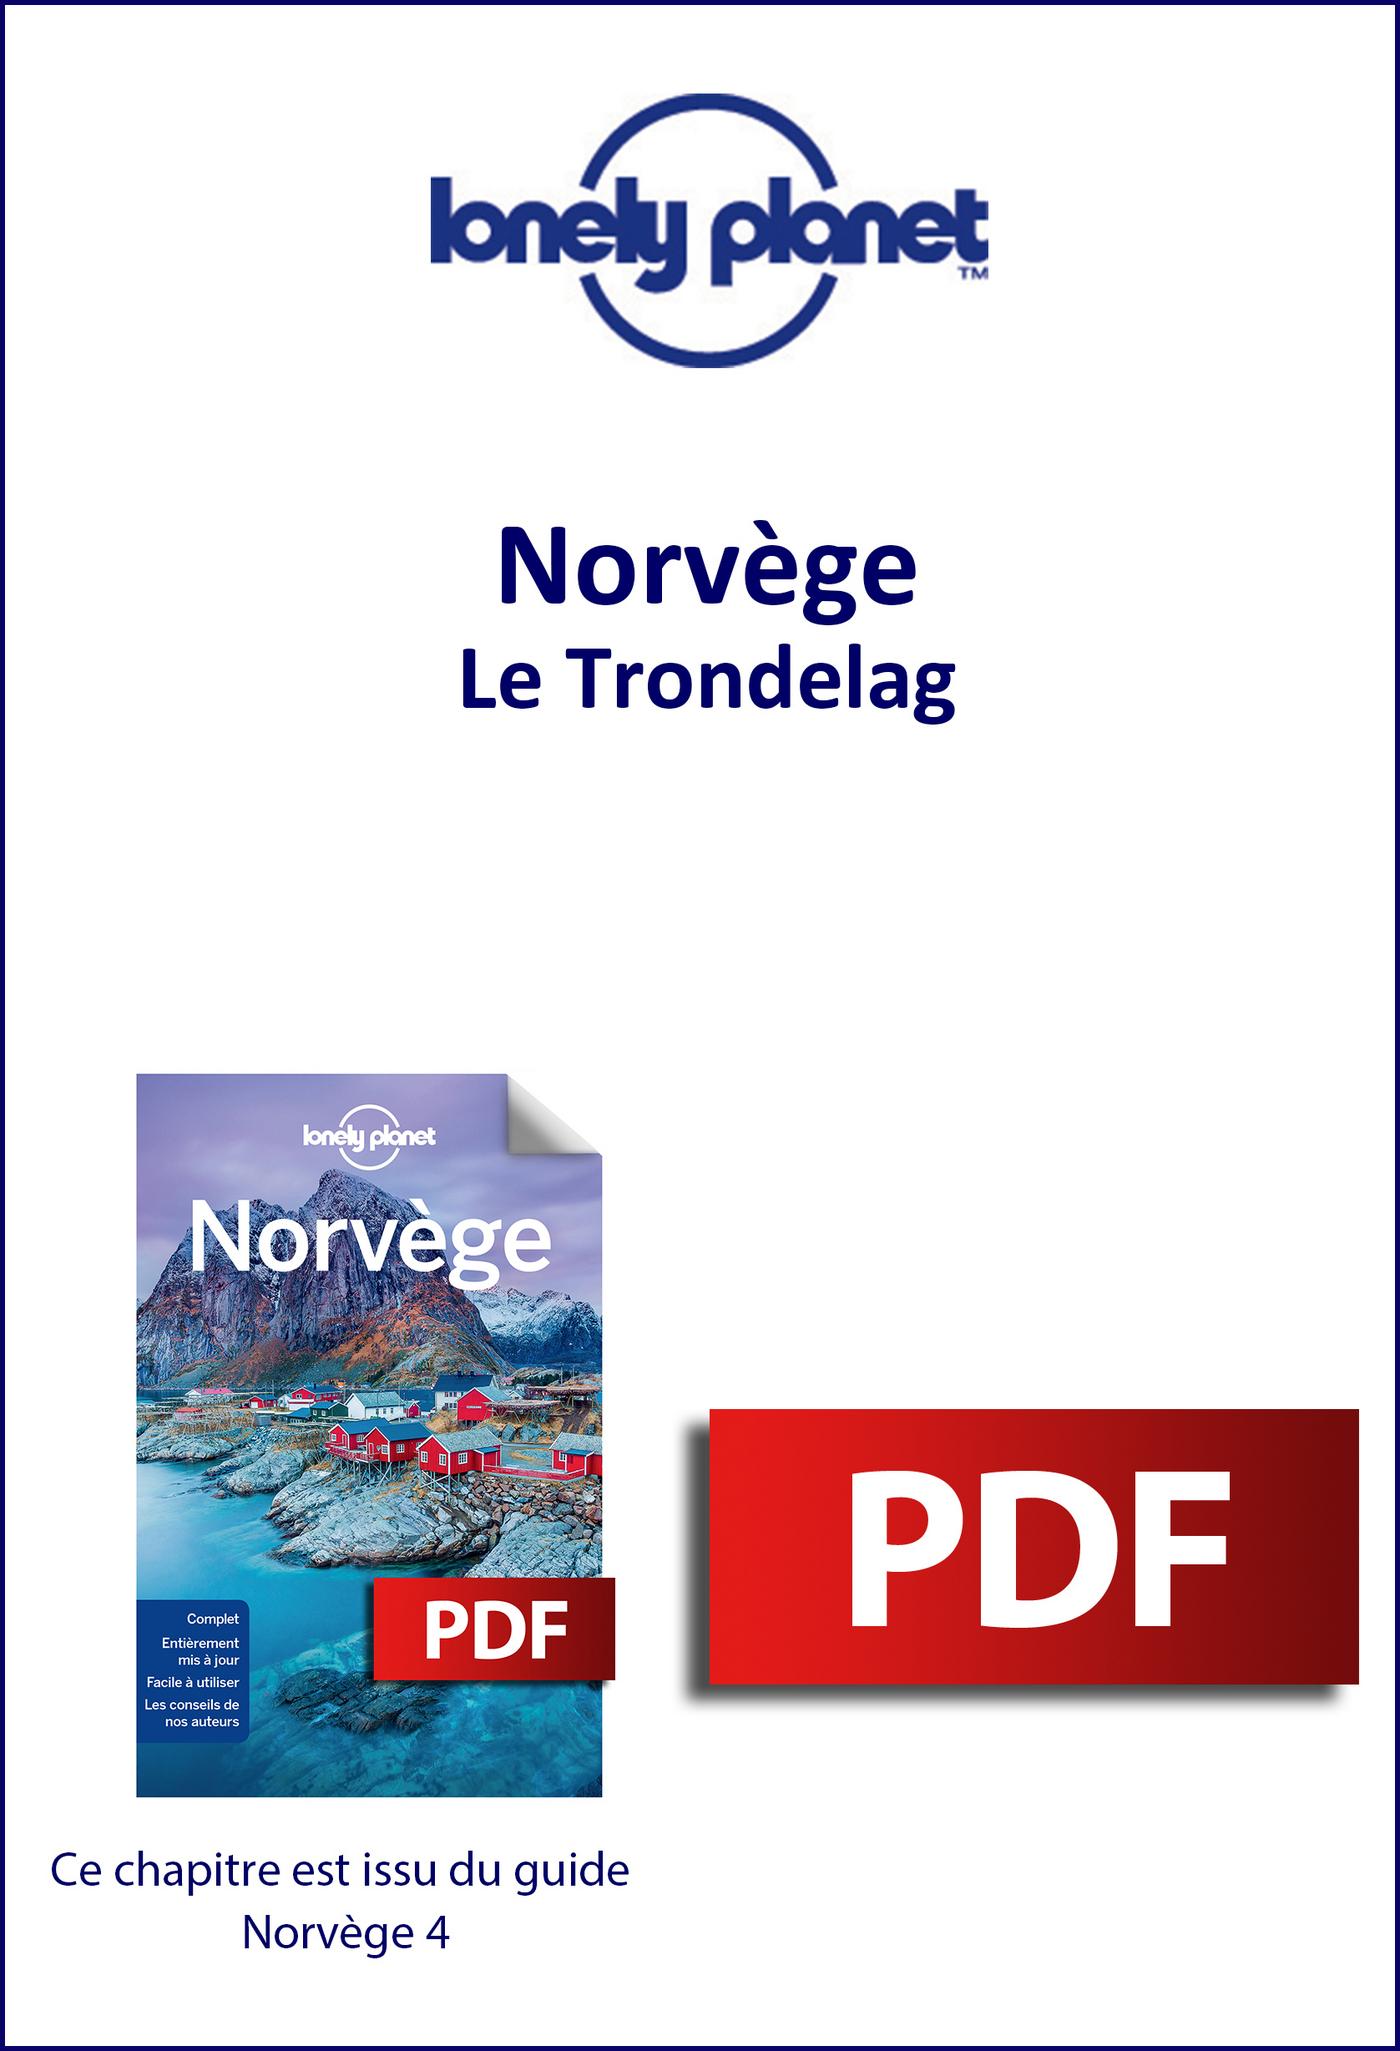 Norvège - Le Trondelag